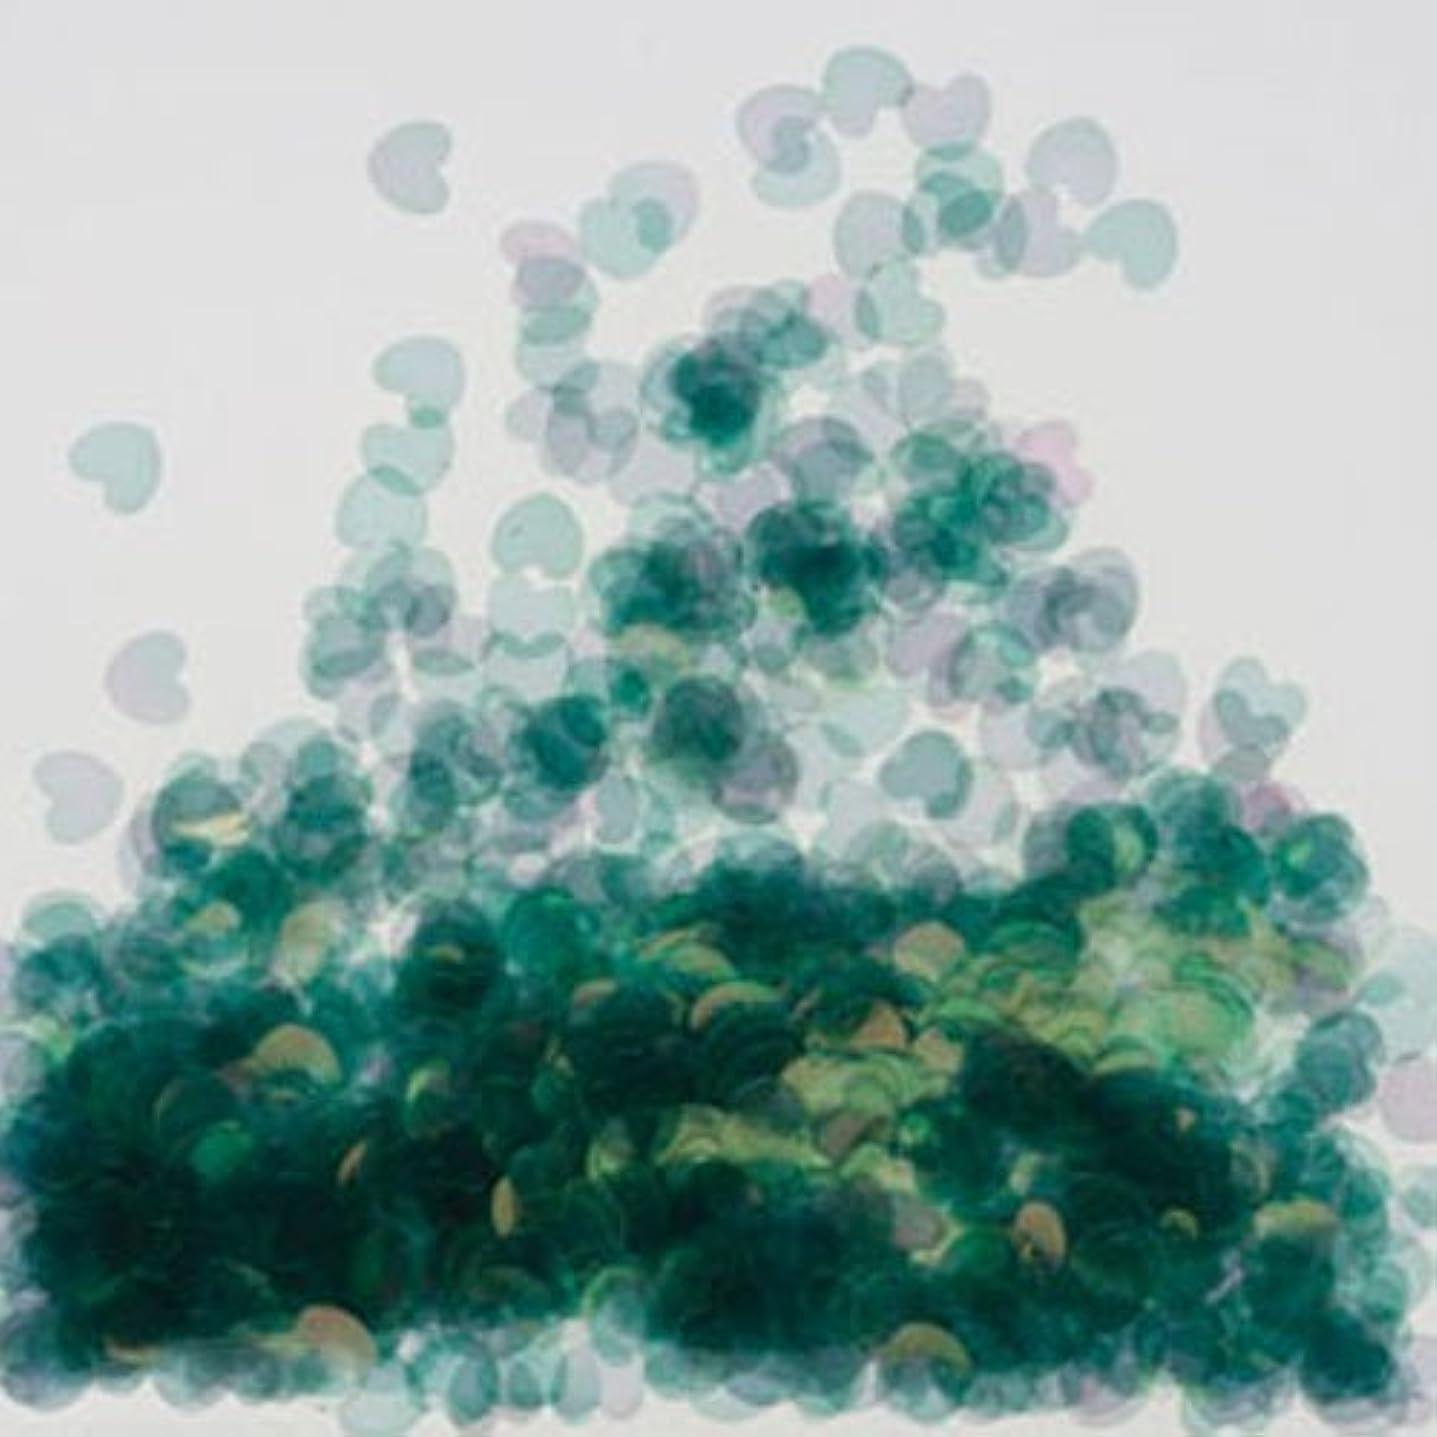 サージパリティ値するピカエース ネイル用パウダー ミニハートオーロラ 耐溶剤 #270 グリーン 0.5g